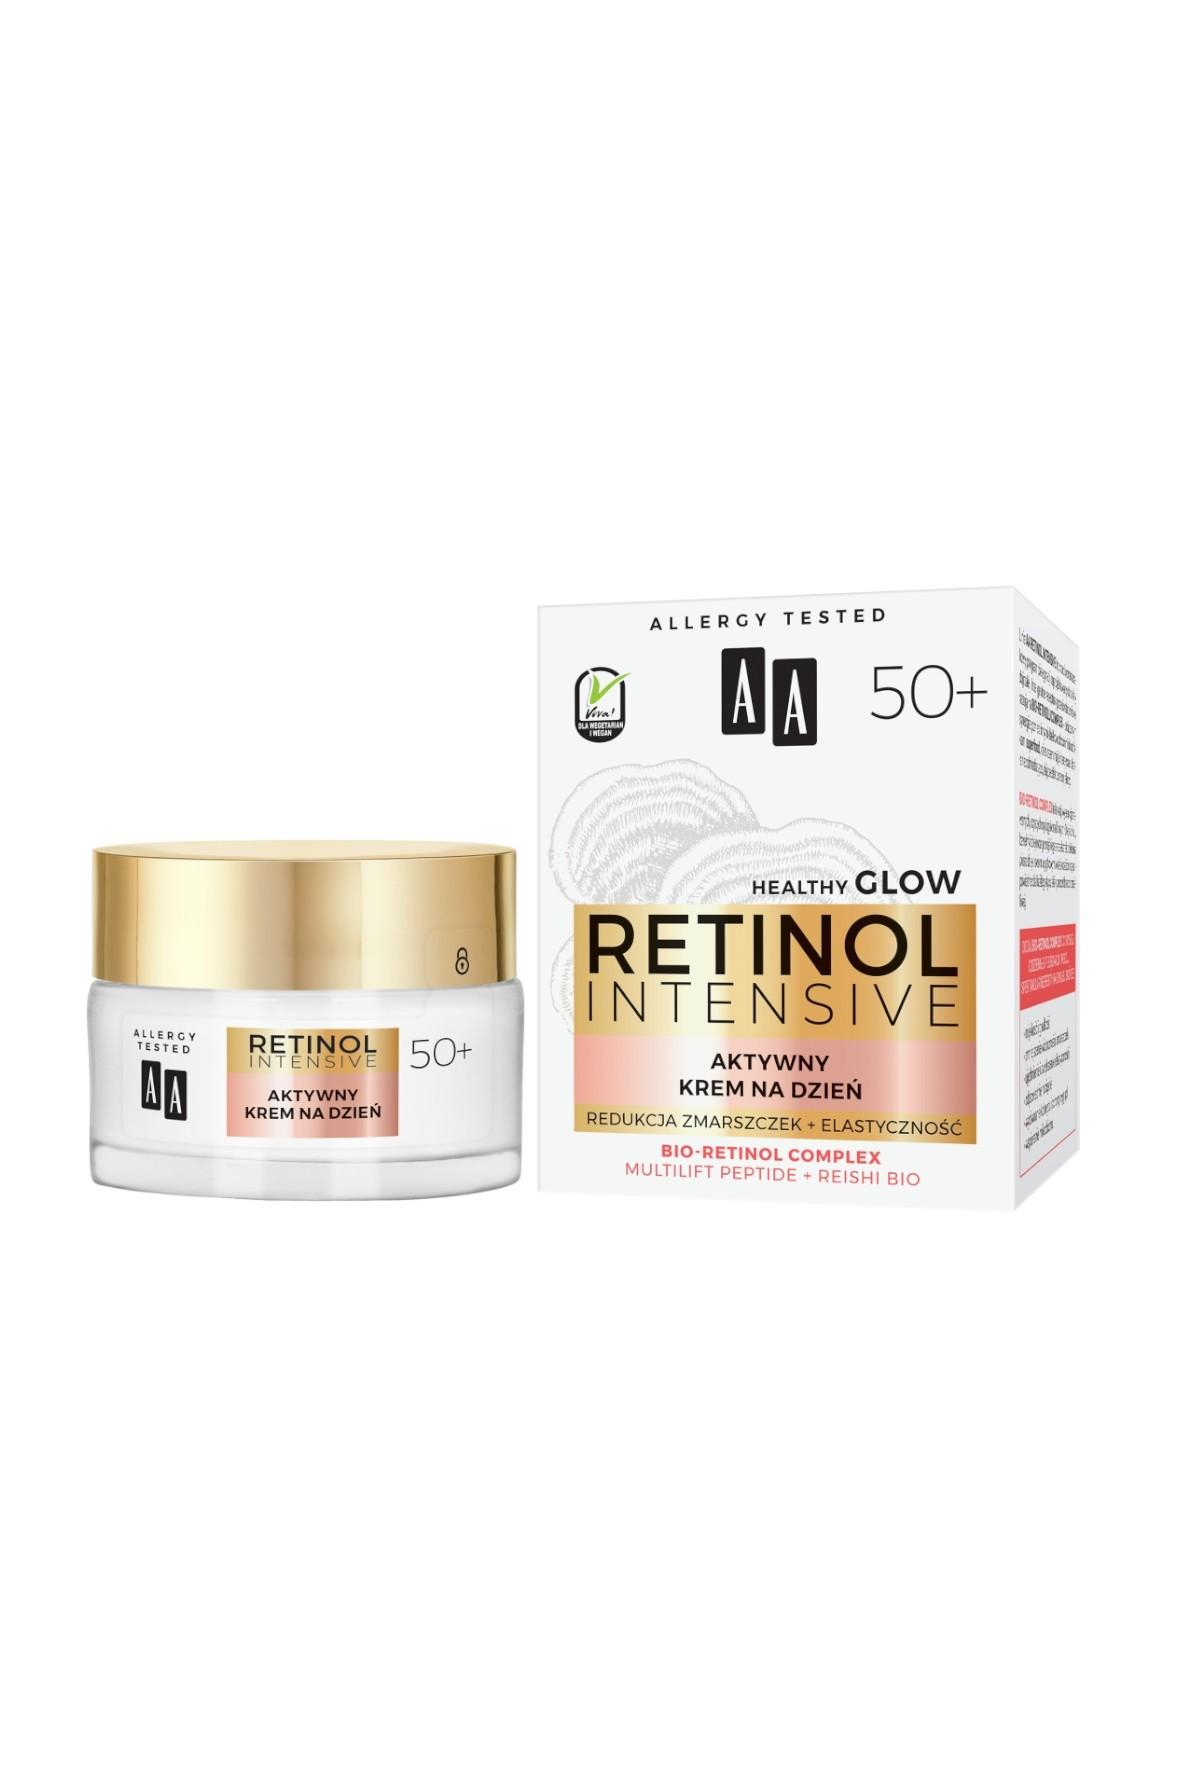 AA Retinol Intensive 50+ aktywny krem na dzień redukcja zmarszczek+elastyczność 50 ml